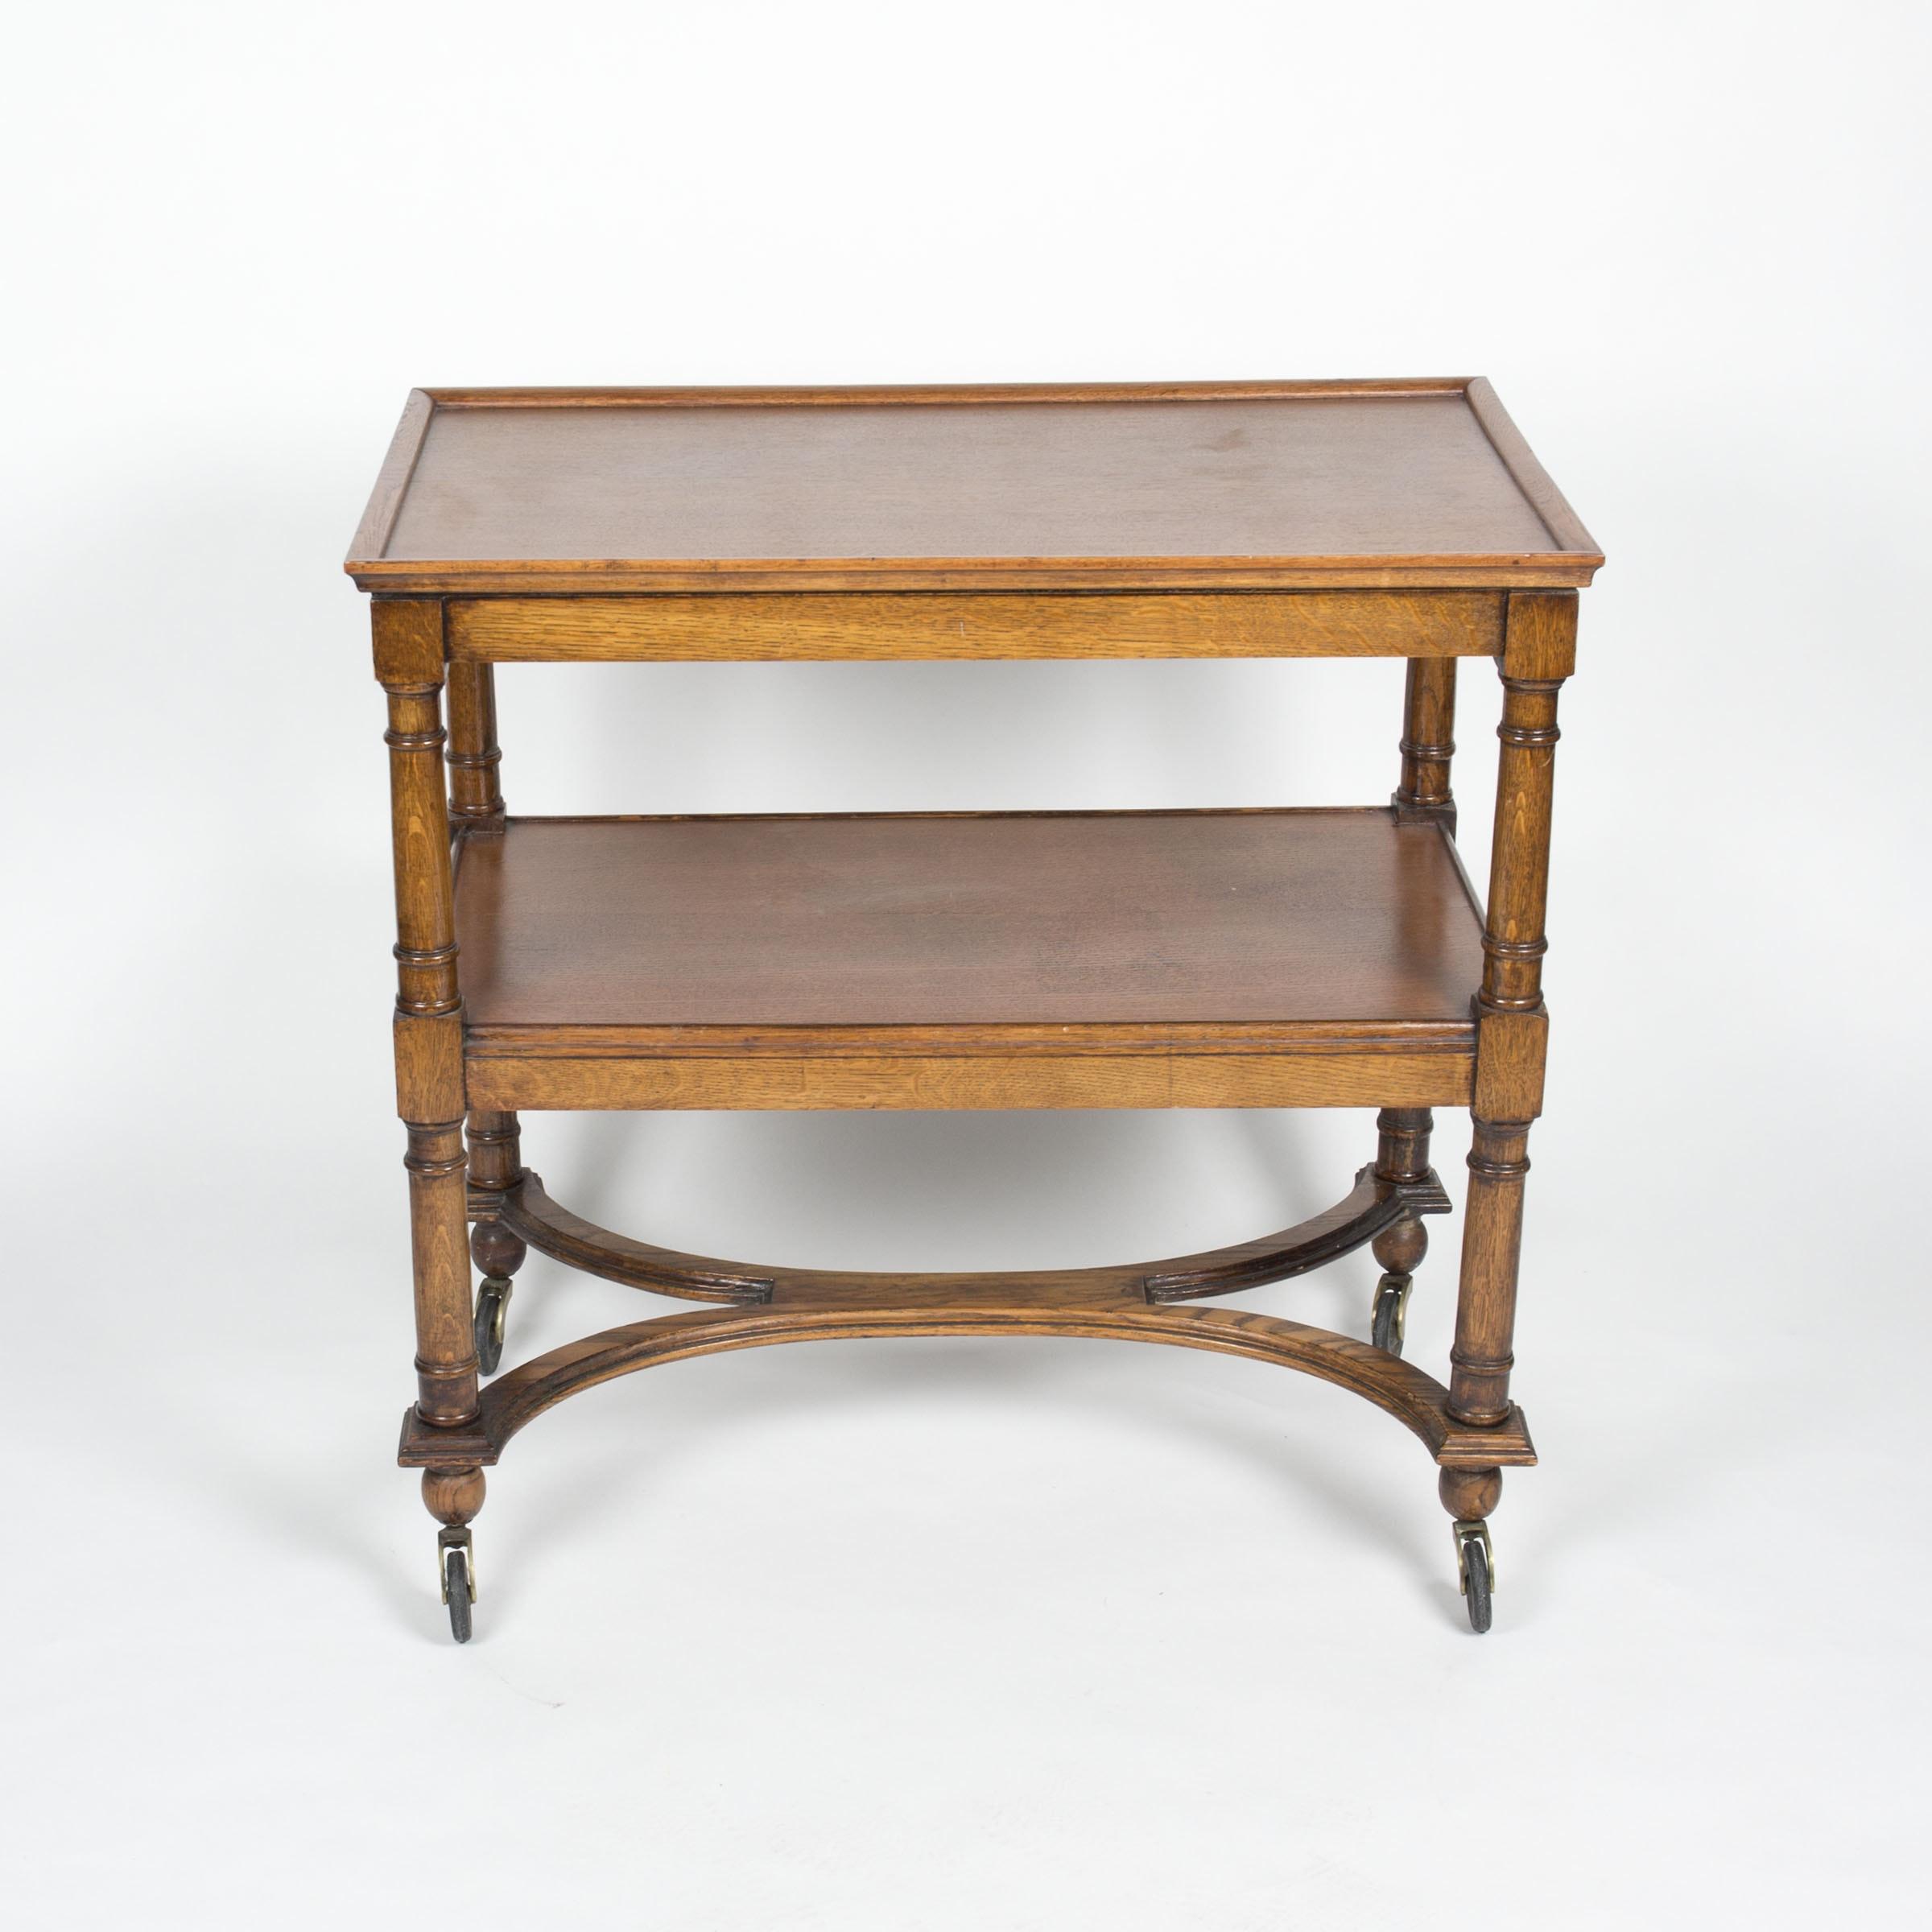 Vintage Oak Side Table on Wheels